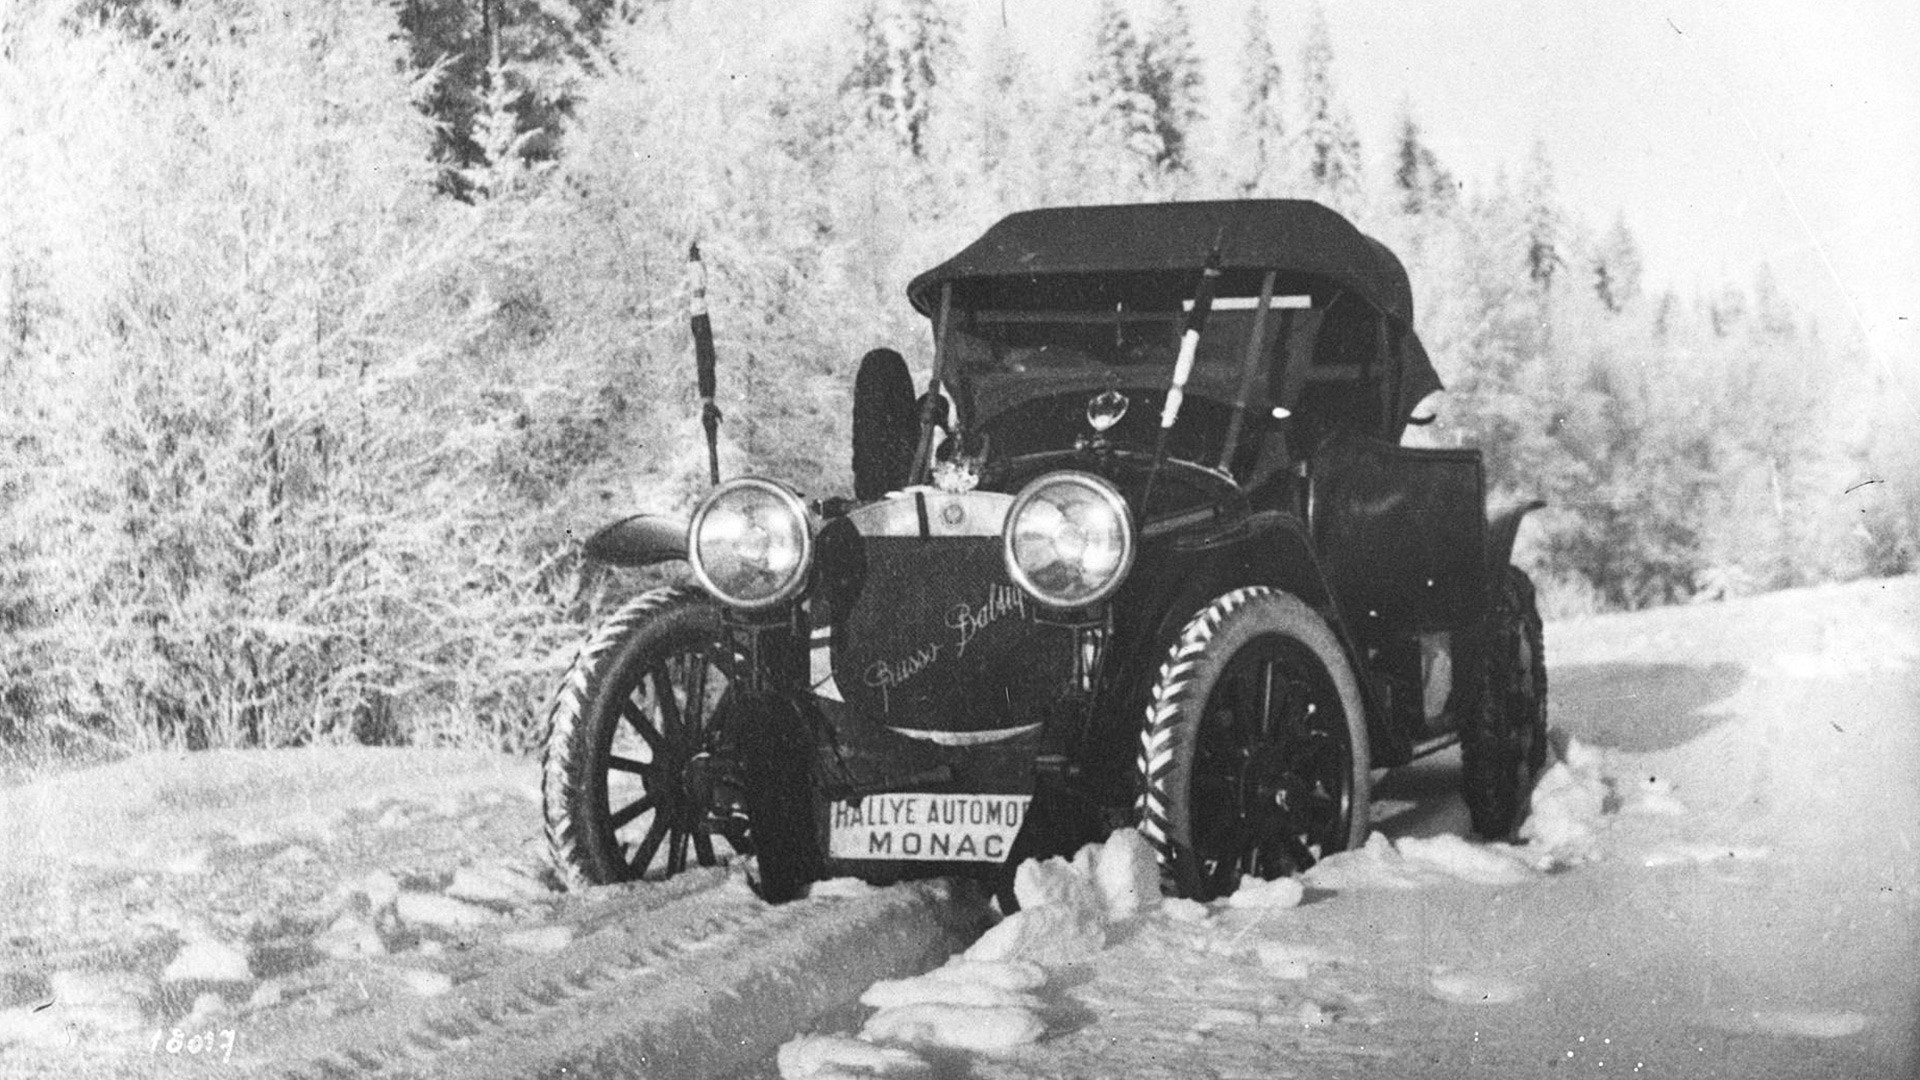 Mobil Russo-Balt milik Nagel.